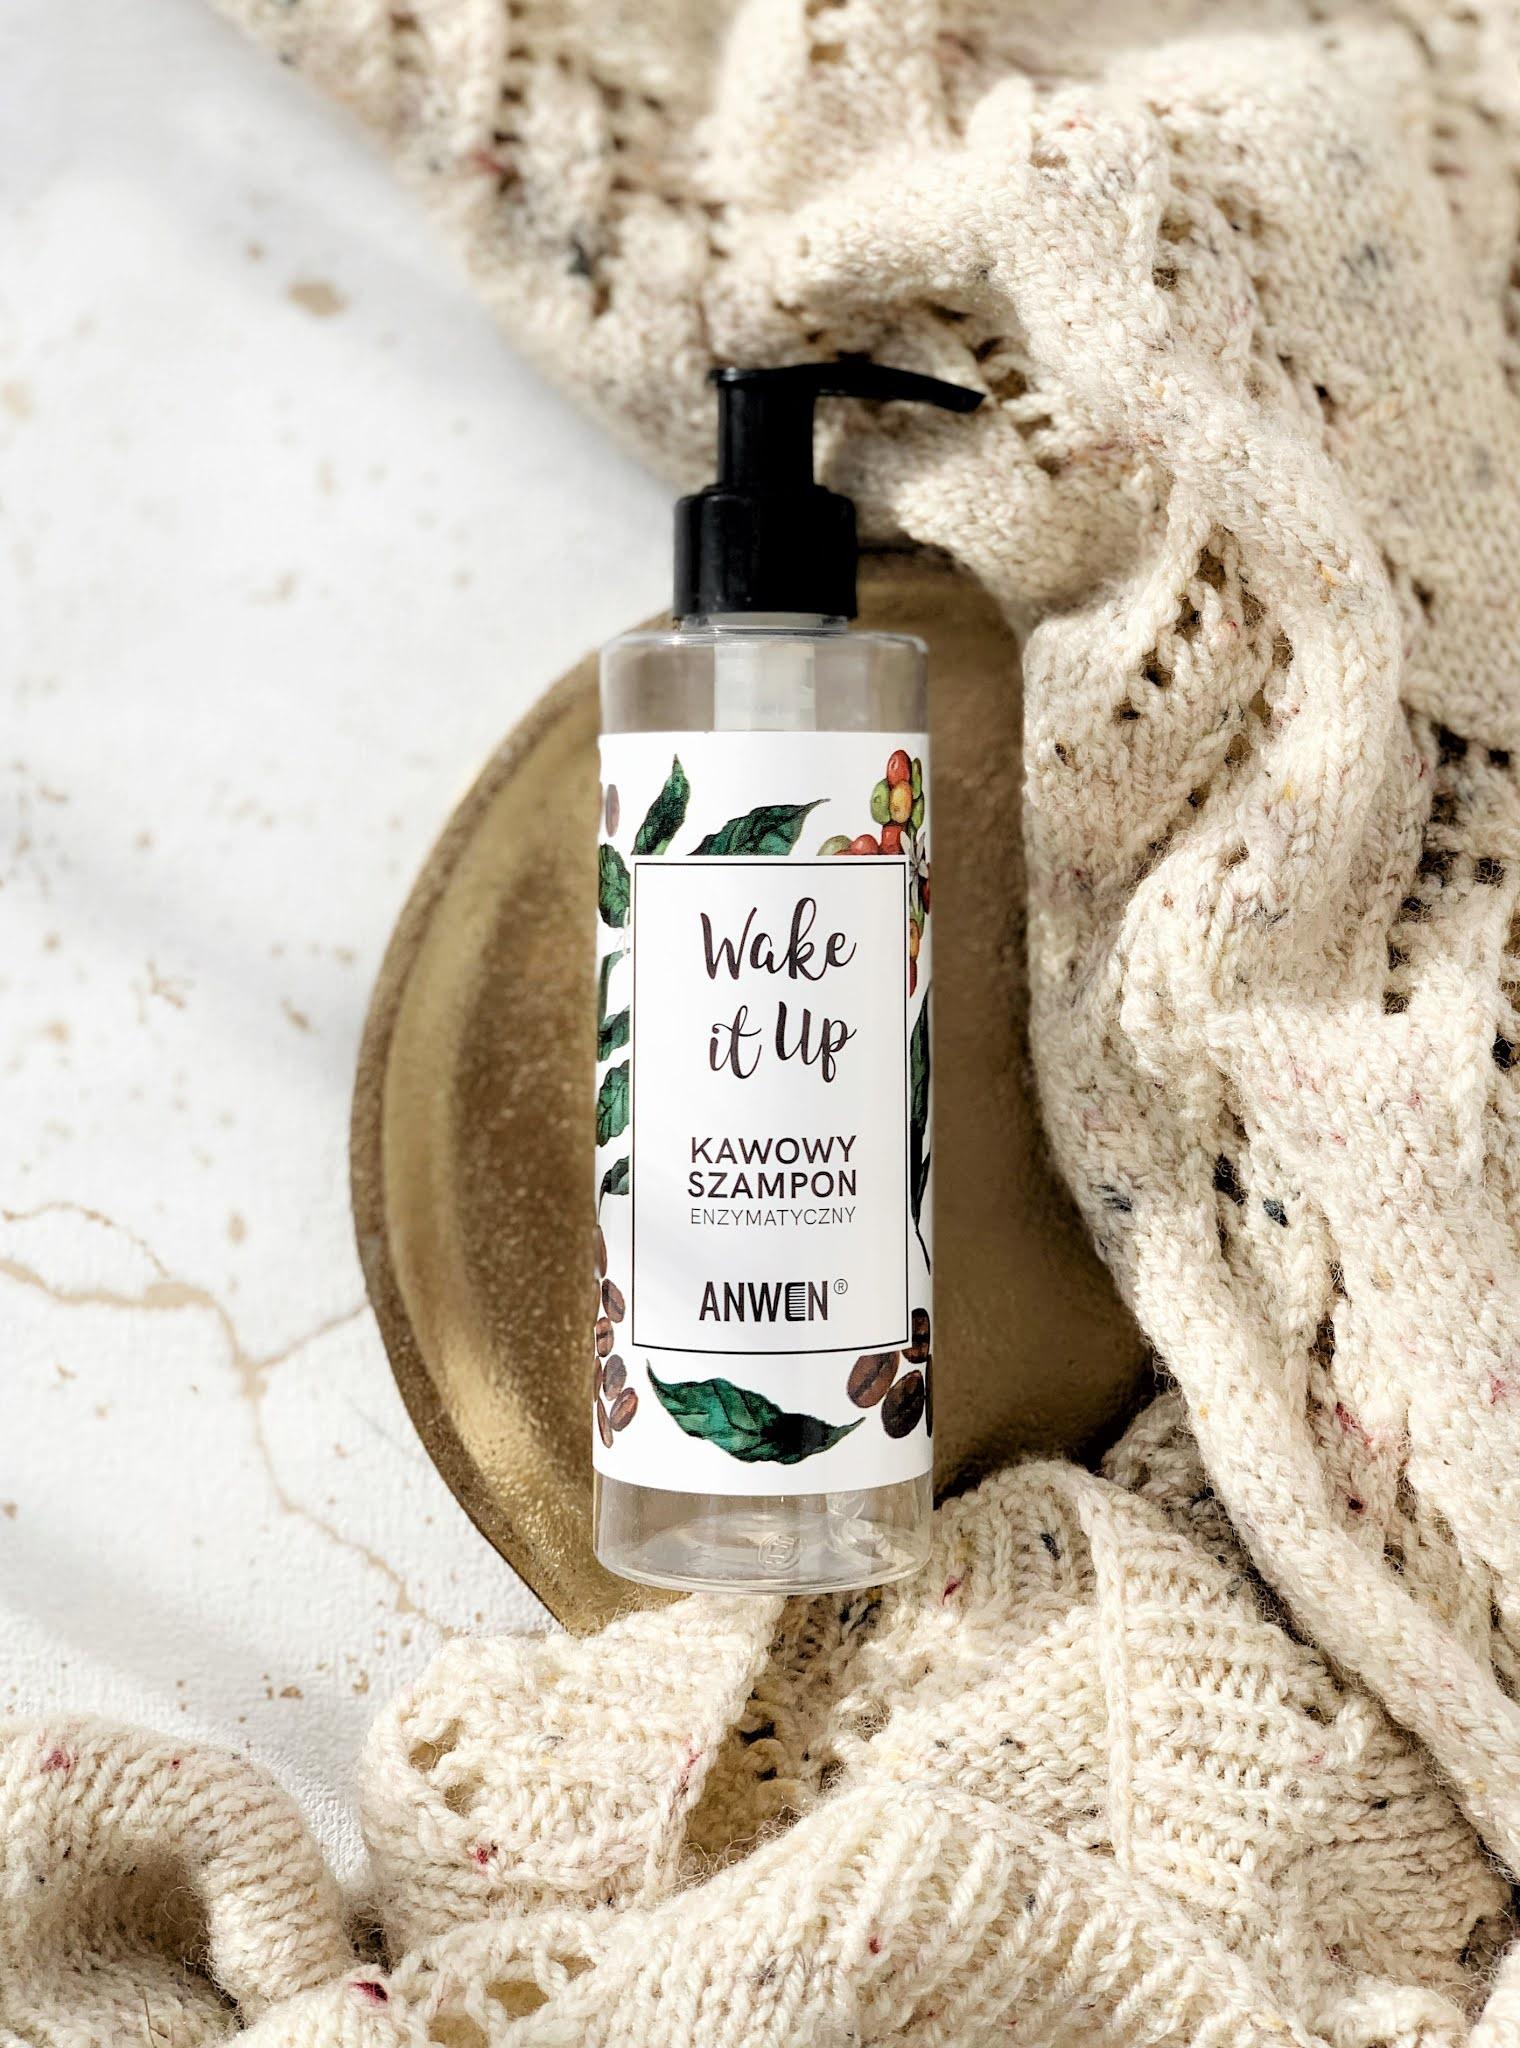 Wake-It-Up-enzymatyczny-szampon-kawowy-Anwen